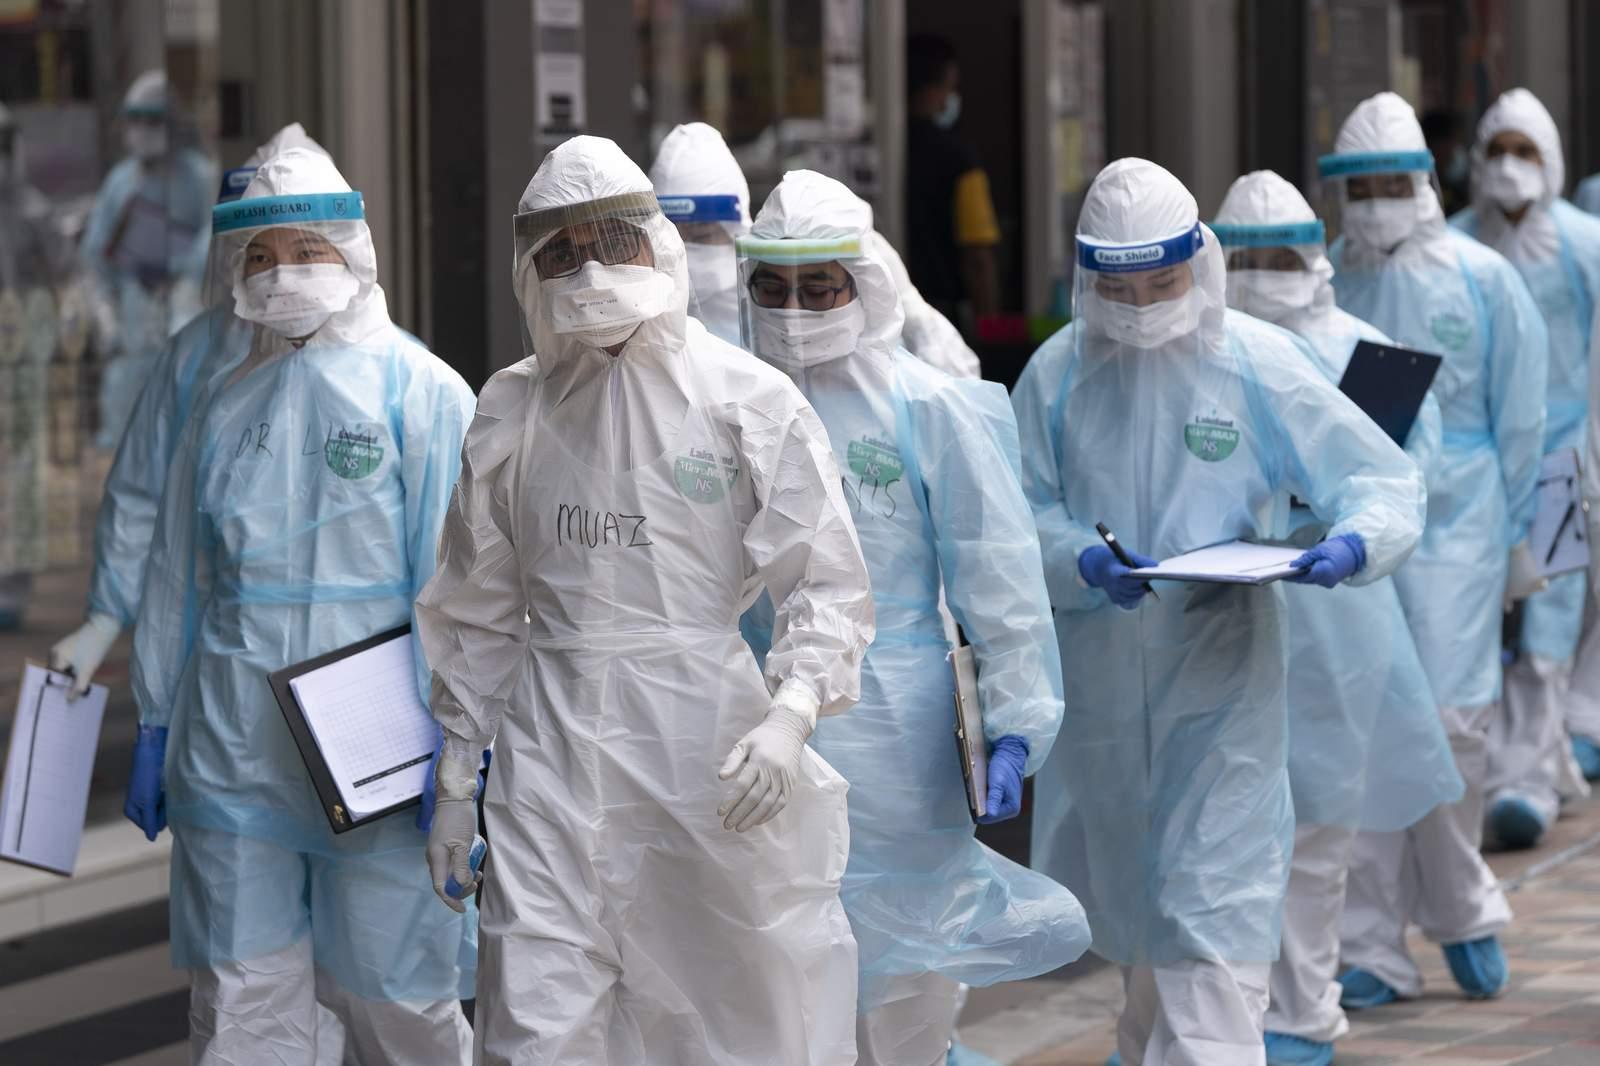 Las muertes por virus de la ciudad de Nueva York superan los 3.200, superando el número de ataques del 11 de septiembre 14